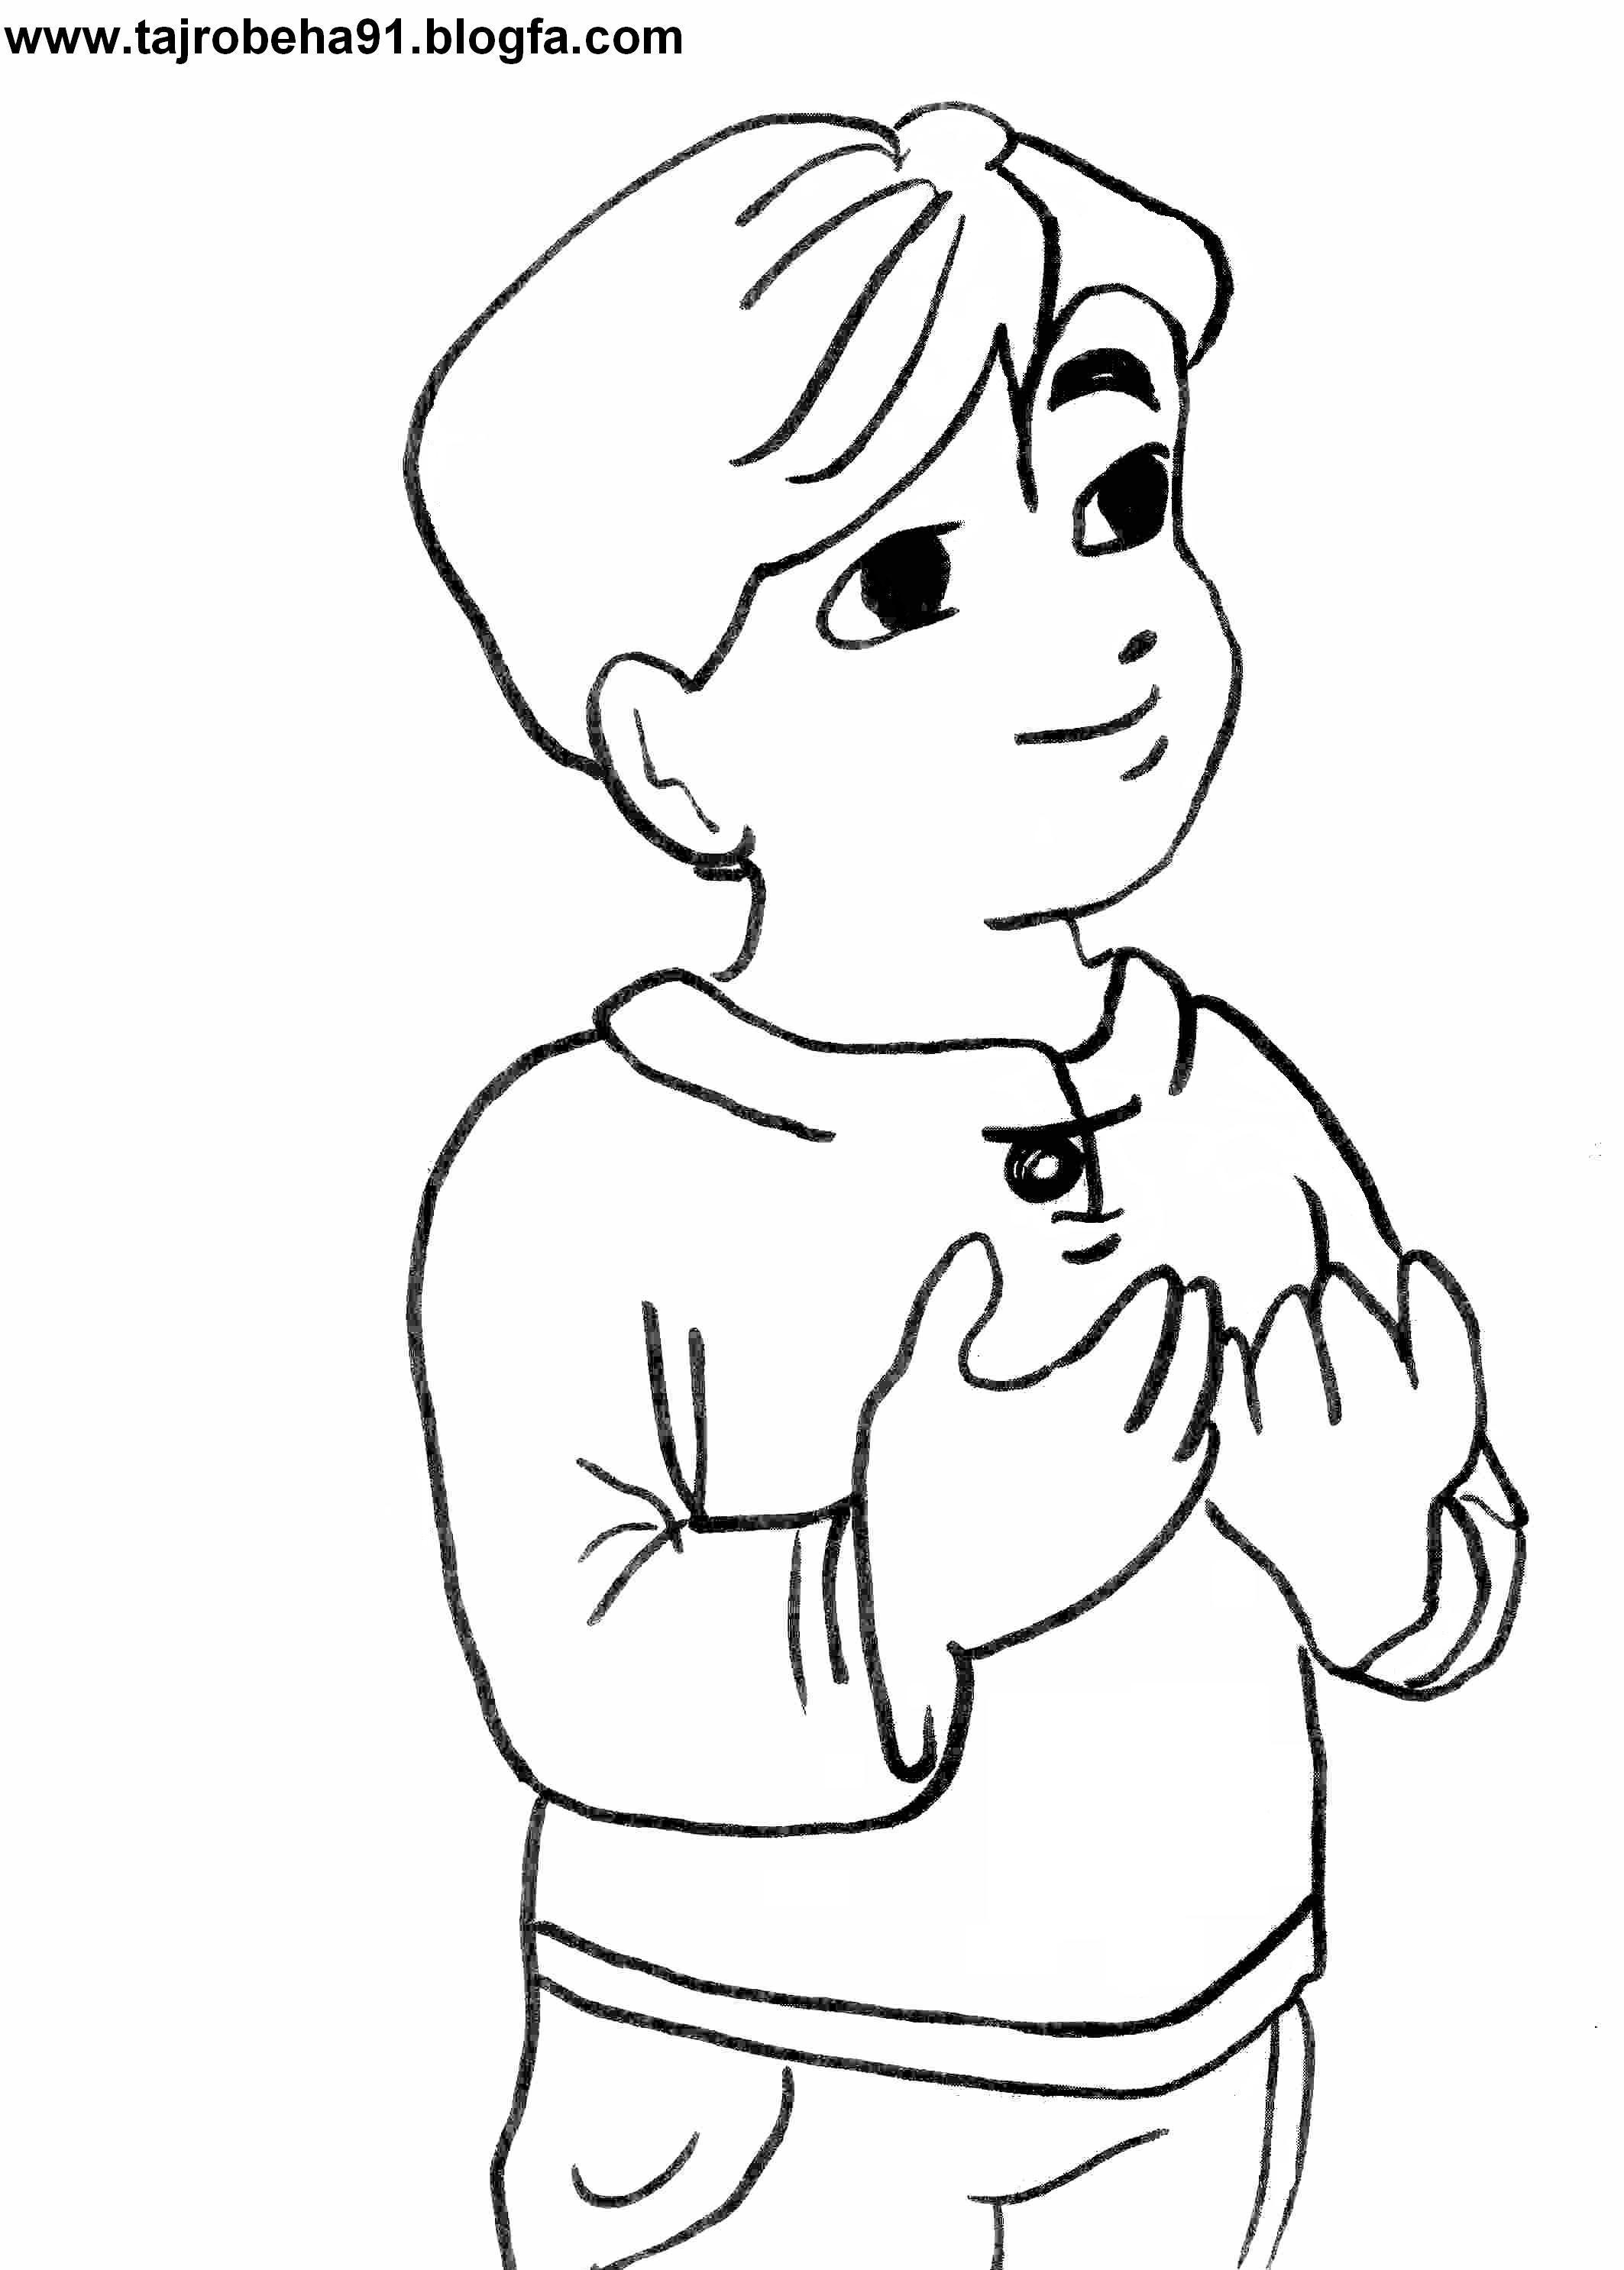 تصویرپسری در حال دعا برای رنگ آمیزی